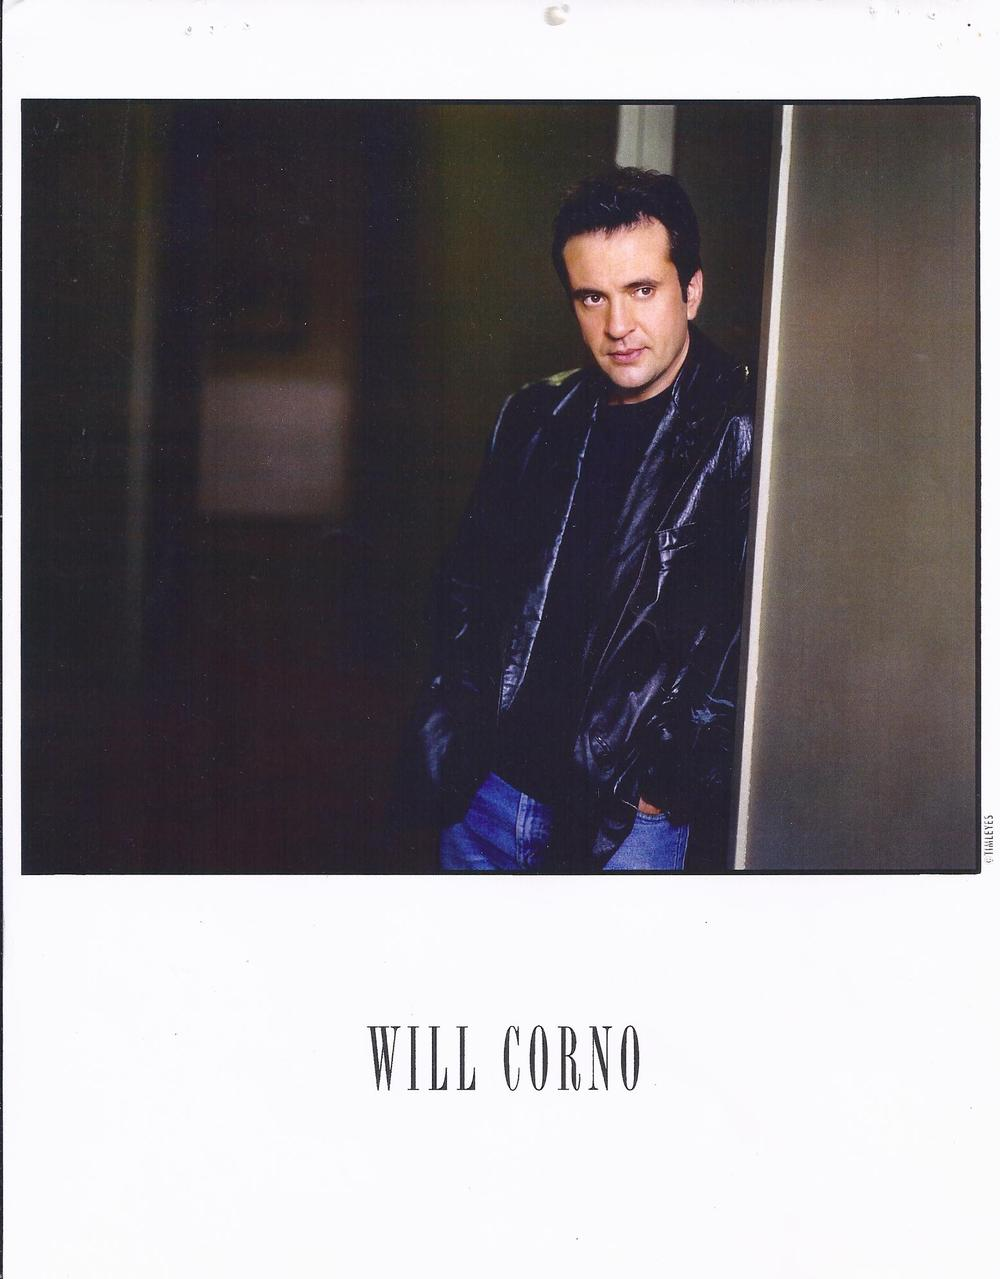 Will Corno